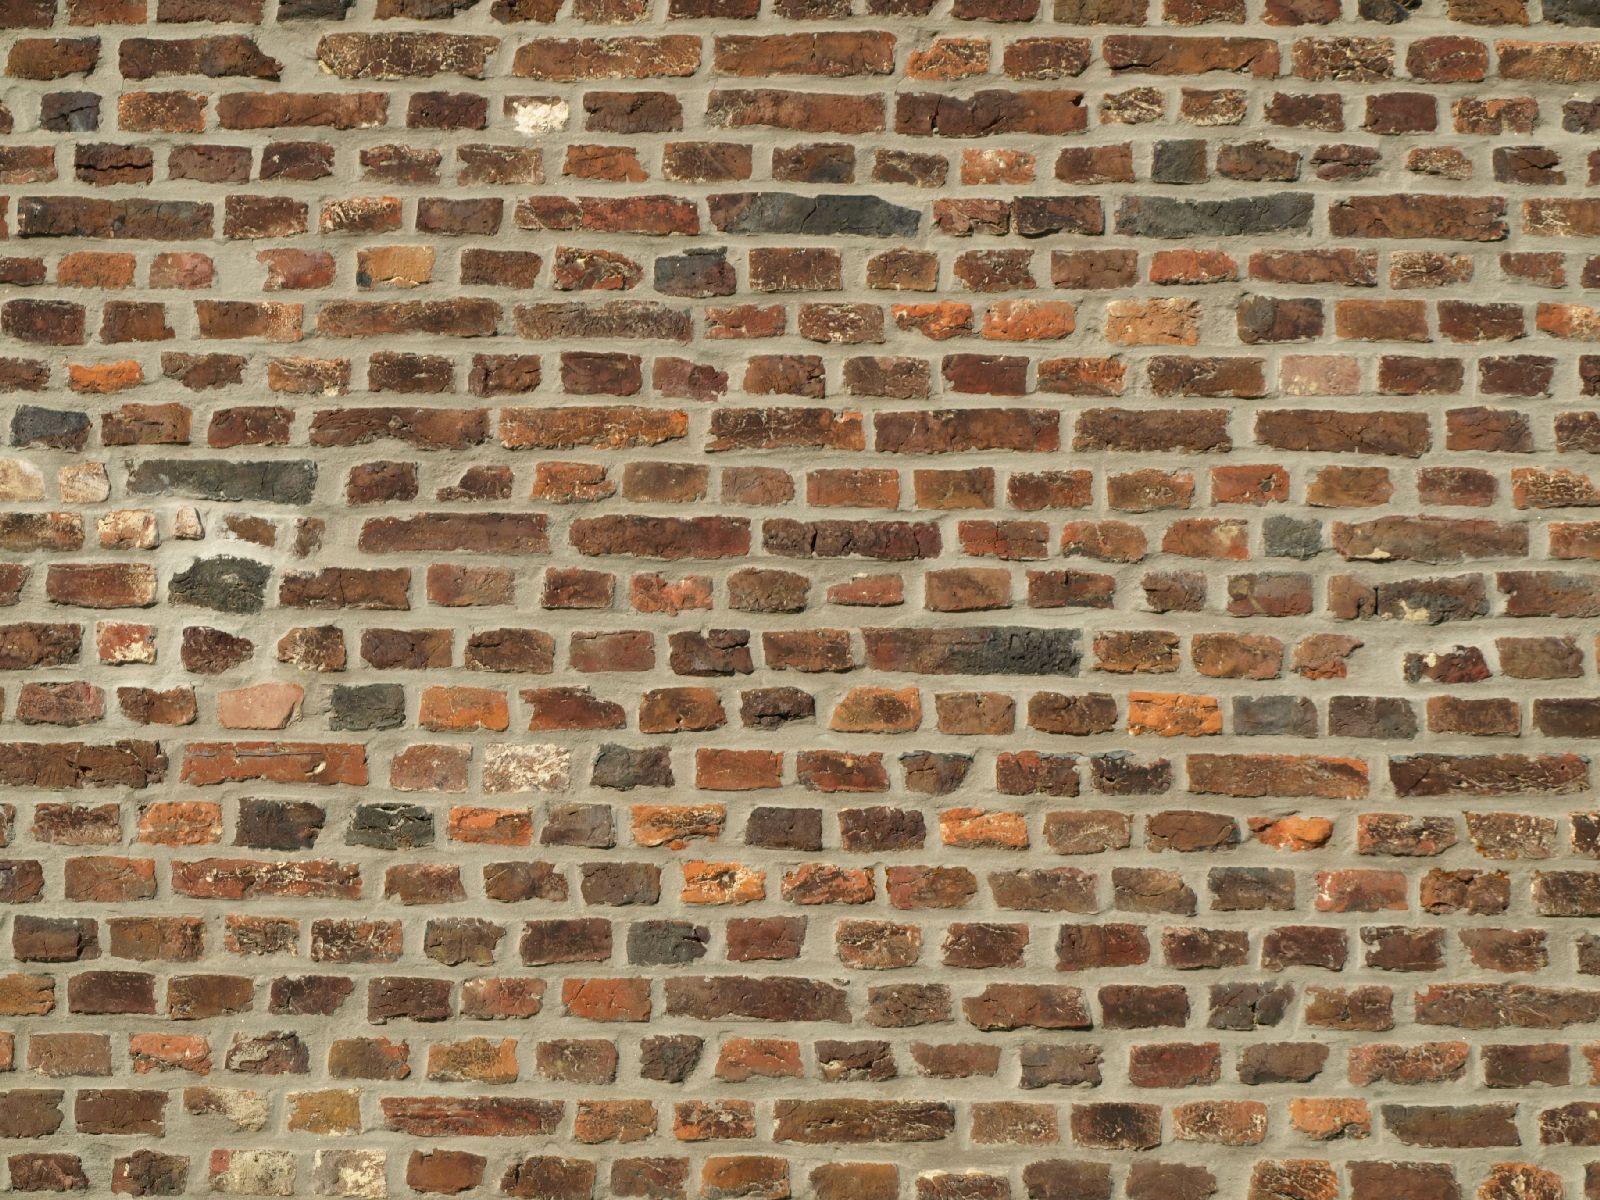 Brick_Texture_A_P9205306